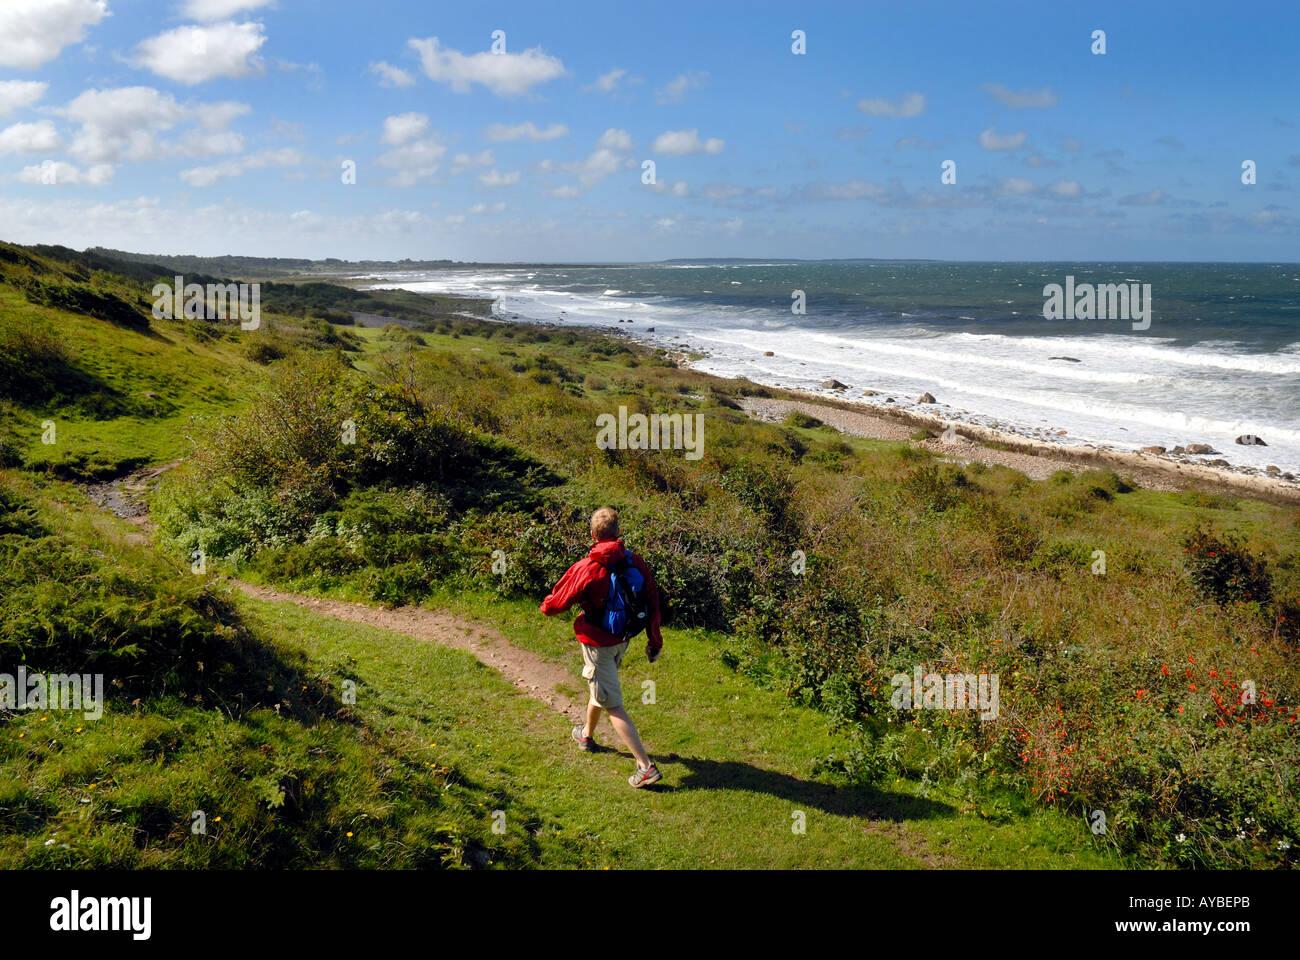 man hiking coastal section of Skaneleden Skane way long distance footpath Bjare Sweden - Stock Image